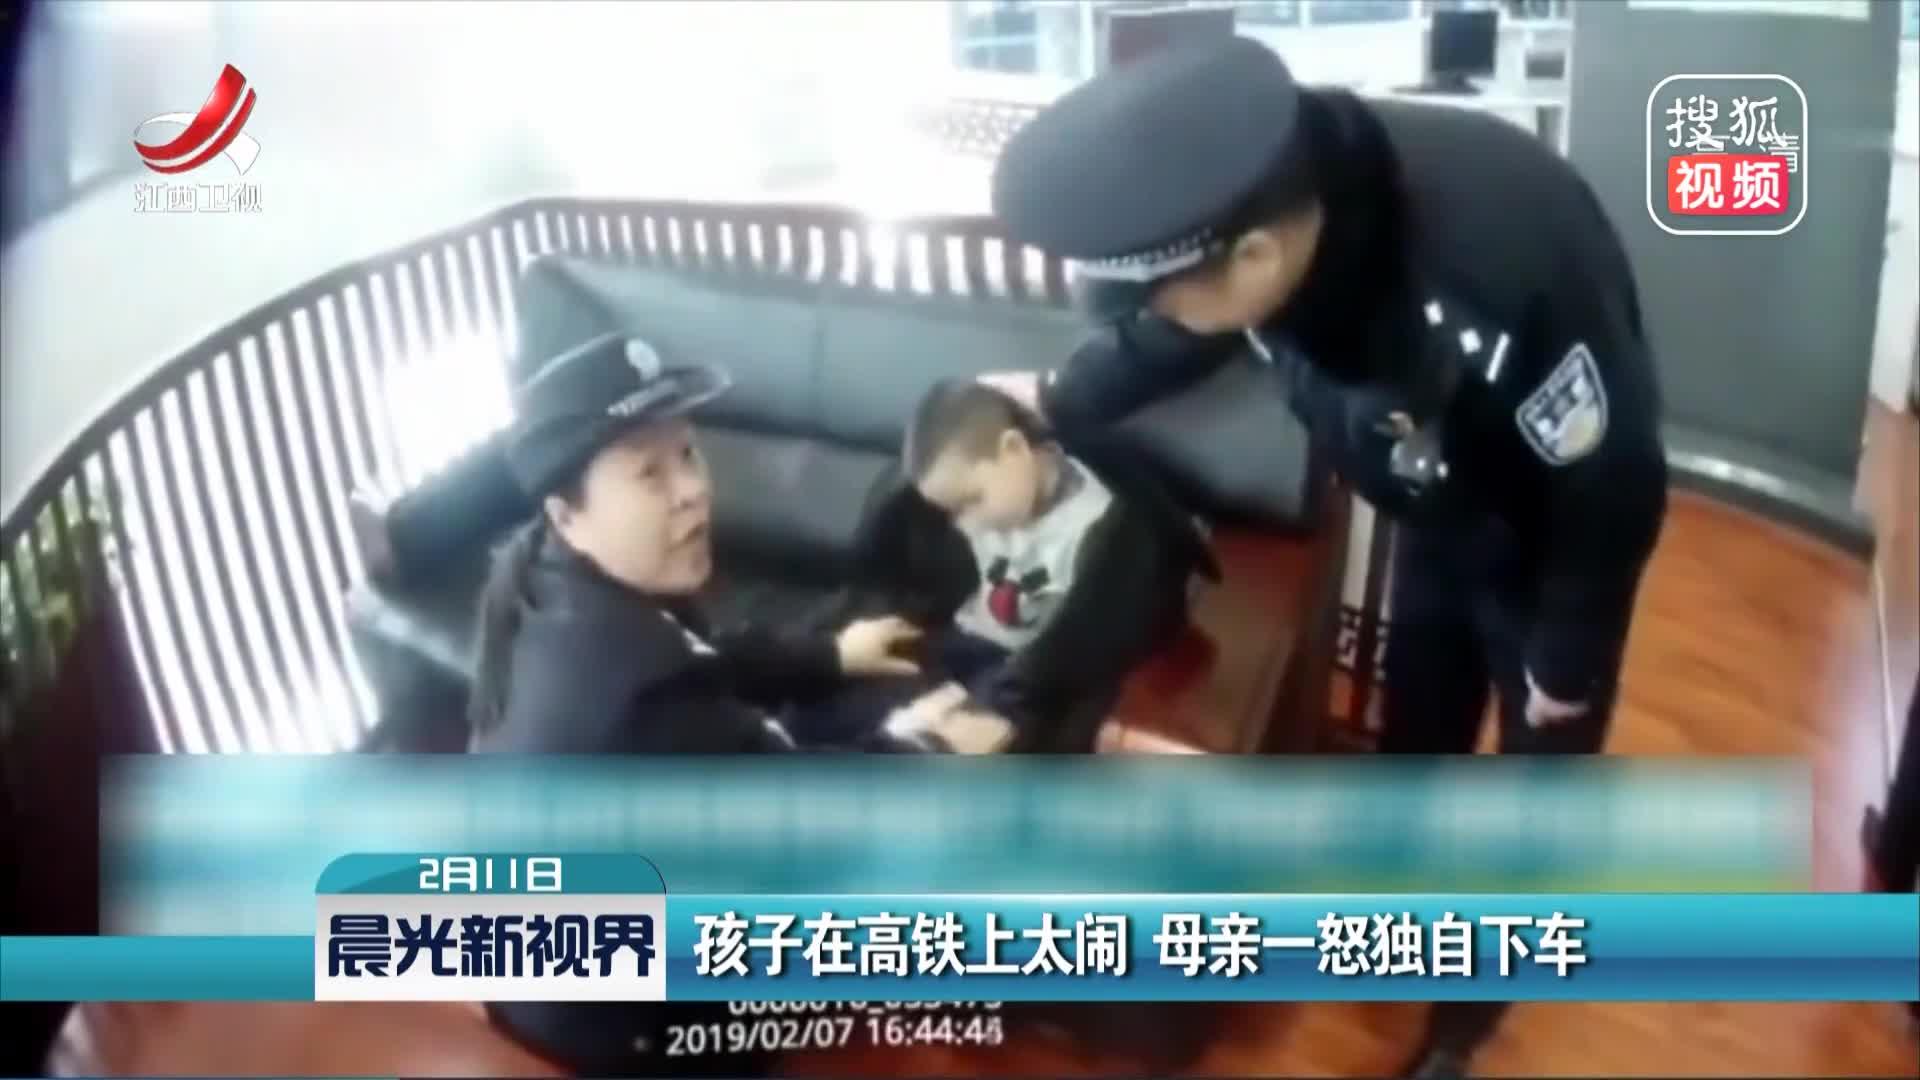 [视频]孩子在高铁上太闹 母亲一怒独自下车